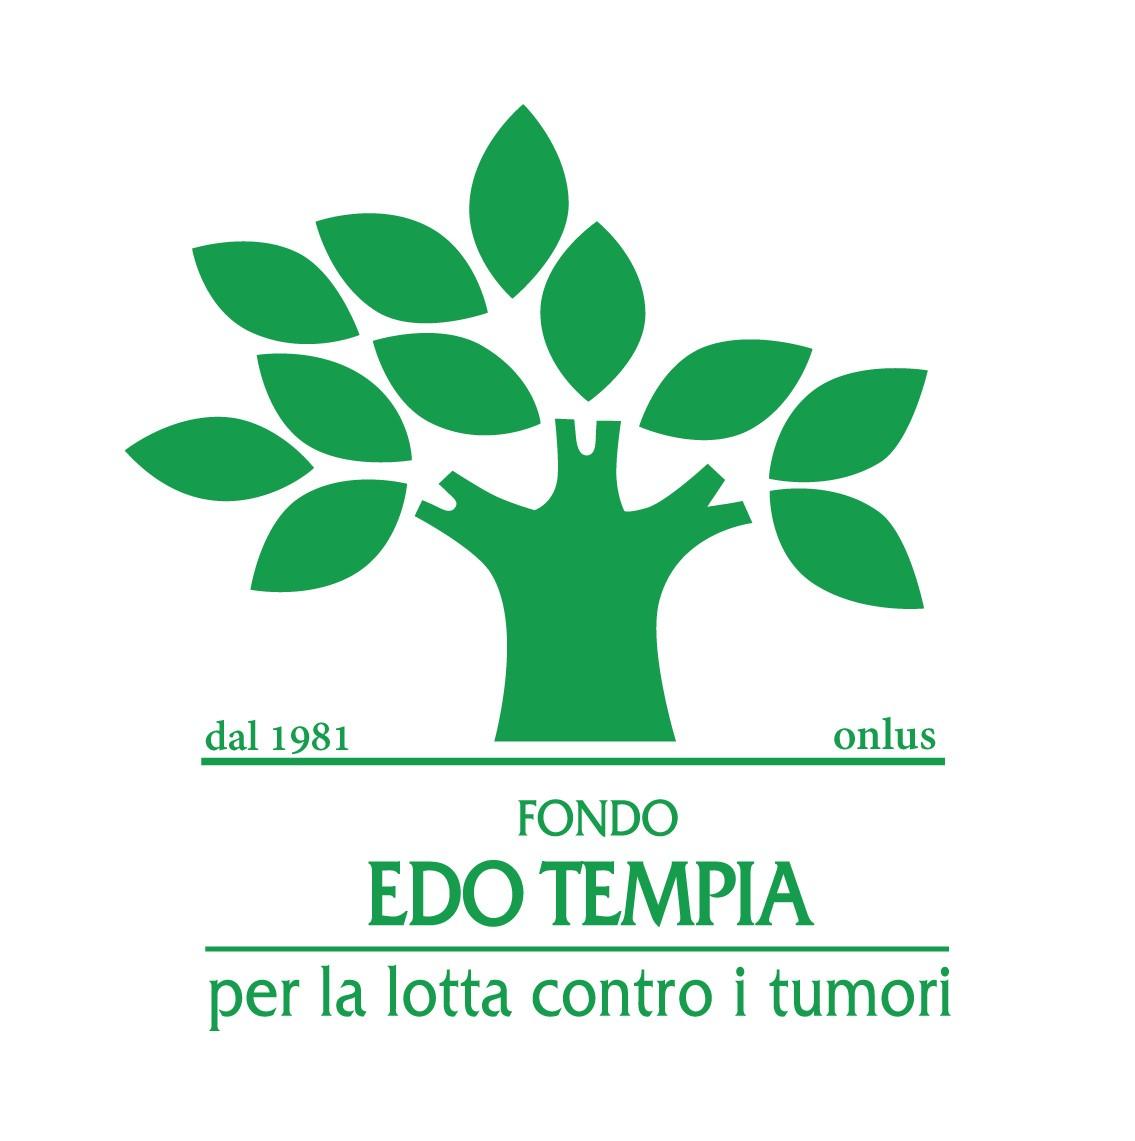 Rete del Dono - Fondo Edo Tempia